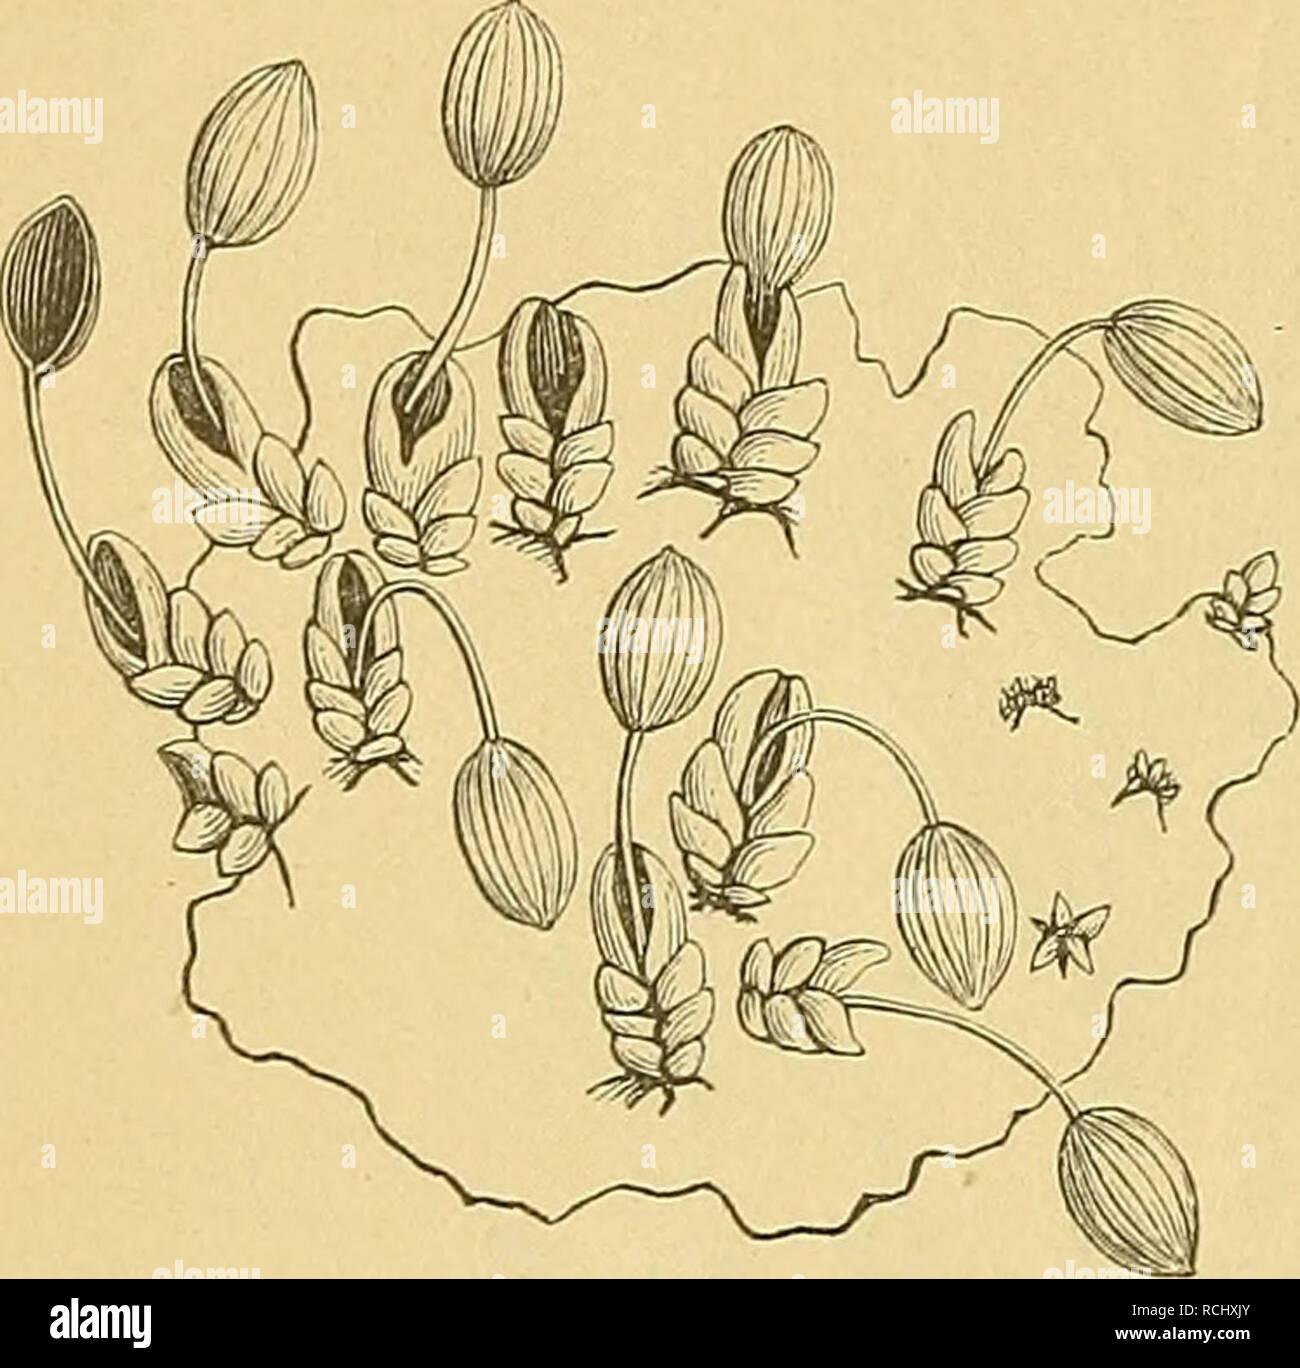 . Die Natürlichen Pflanzenfamilien : nebst ihren Gattungen und wichtigeren Arten, insbesondere den Nutzpflanzen. Plants; Plants, Useful. 6 Podostemaceae. (Warming.' Der Fußteil der B. ist gewöhnlich etwas scheidenförmig erweitert und etwas stengelumfassend. Bei einigen ist er Avenig schief und an beiden Seiten gleich ent- wickelt, und z. B. mit einer ^ intrapetiolären Stipel ver- II // sehen oder ligulaartig her- vortretend; bei anderen ist er aber auch ungleich ent- wickelt, indem die noto- skope Seite stärker ausge- bildet ist; namentlich findet sich hier ofteinzahnförmiges Achselblattgebild - Stock Image